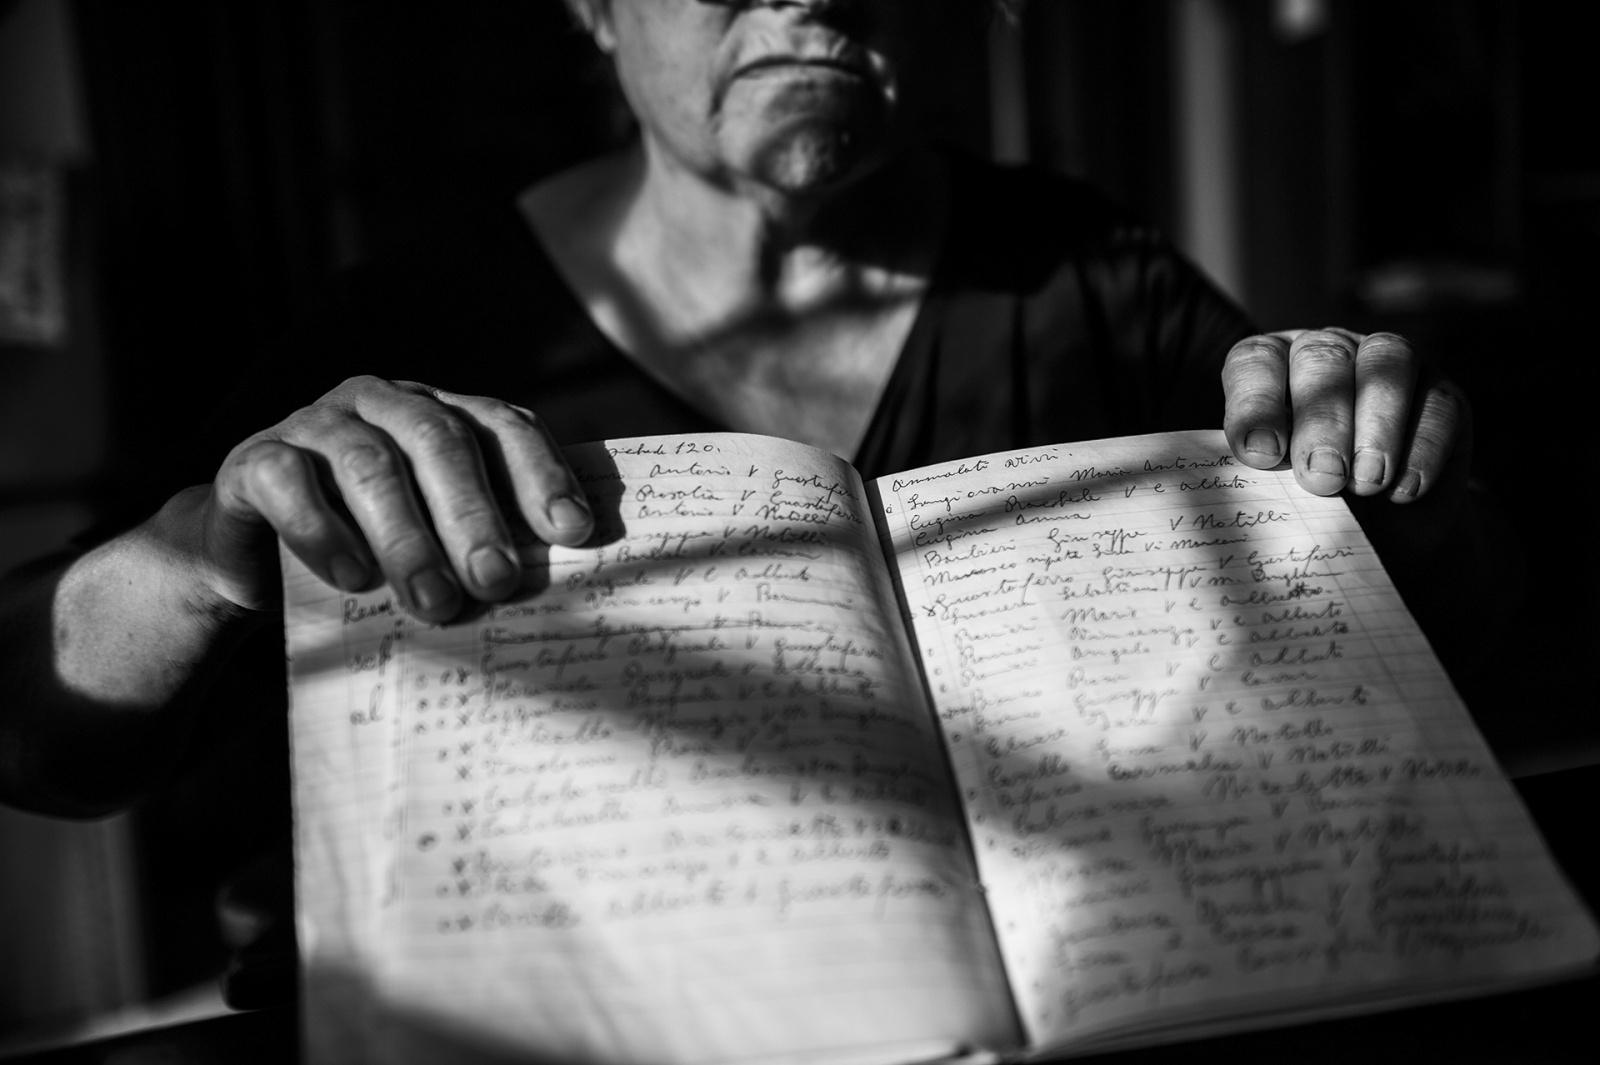 Rosa Bianco, 67 anni, mostra il diario sul quale dal 2013 sta censendo i malati di cancro del suo quartiere. Grazie al suo lavoro, Maria Rosaria Esposito, legale ambientalista, si sta battendo per aggiornare il registro tumori della Asl locale, Terzigno, NA, 2015. © Stefano Schirato.